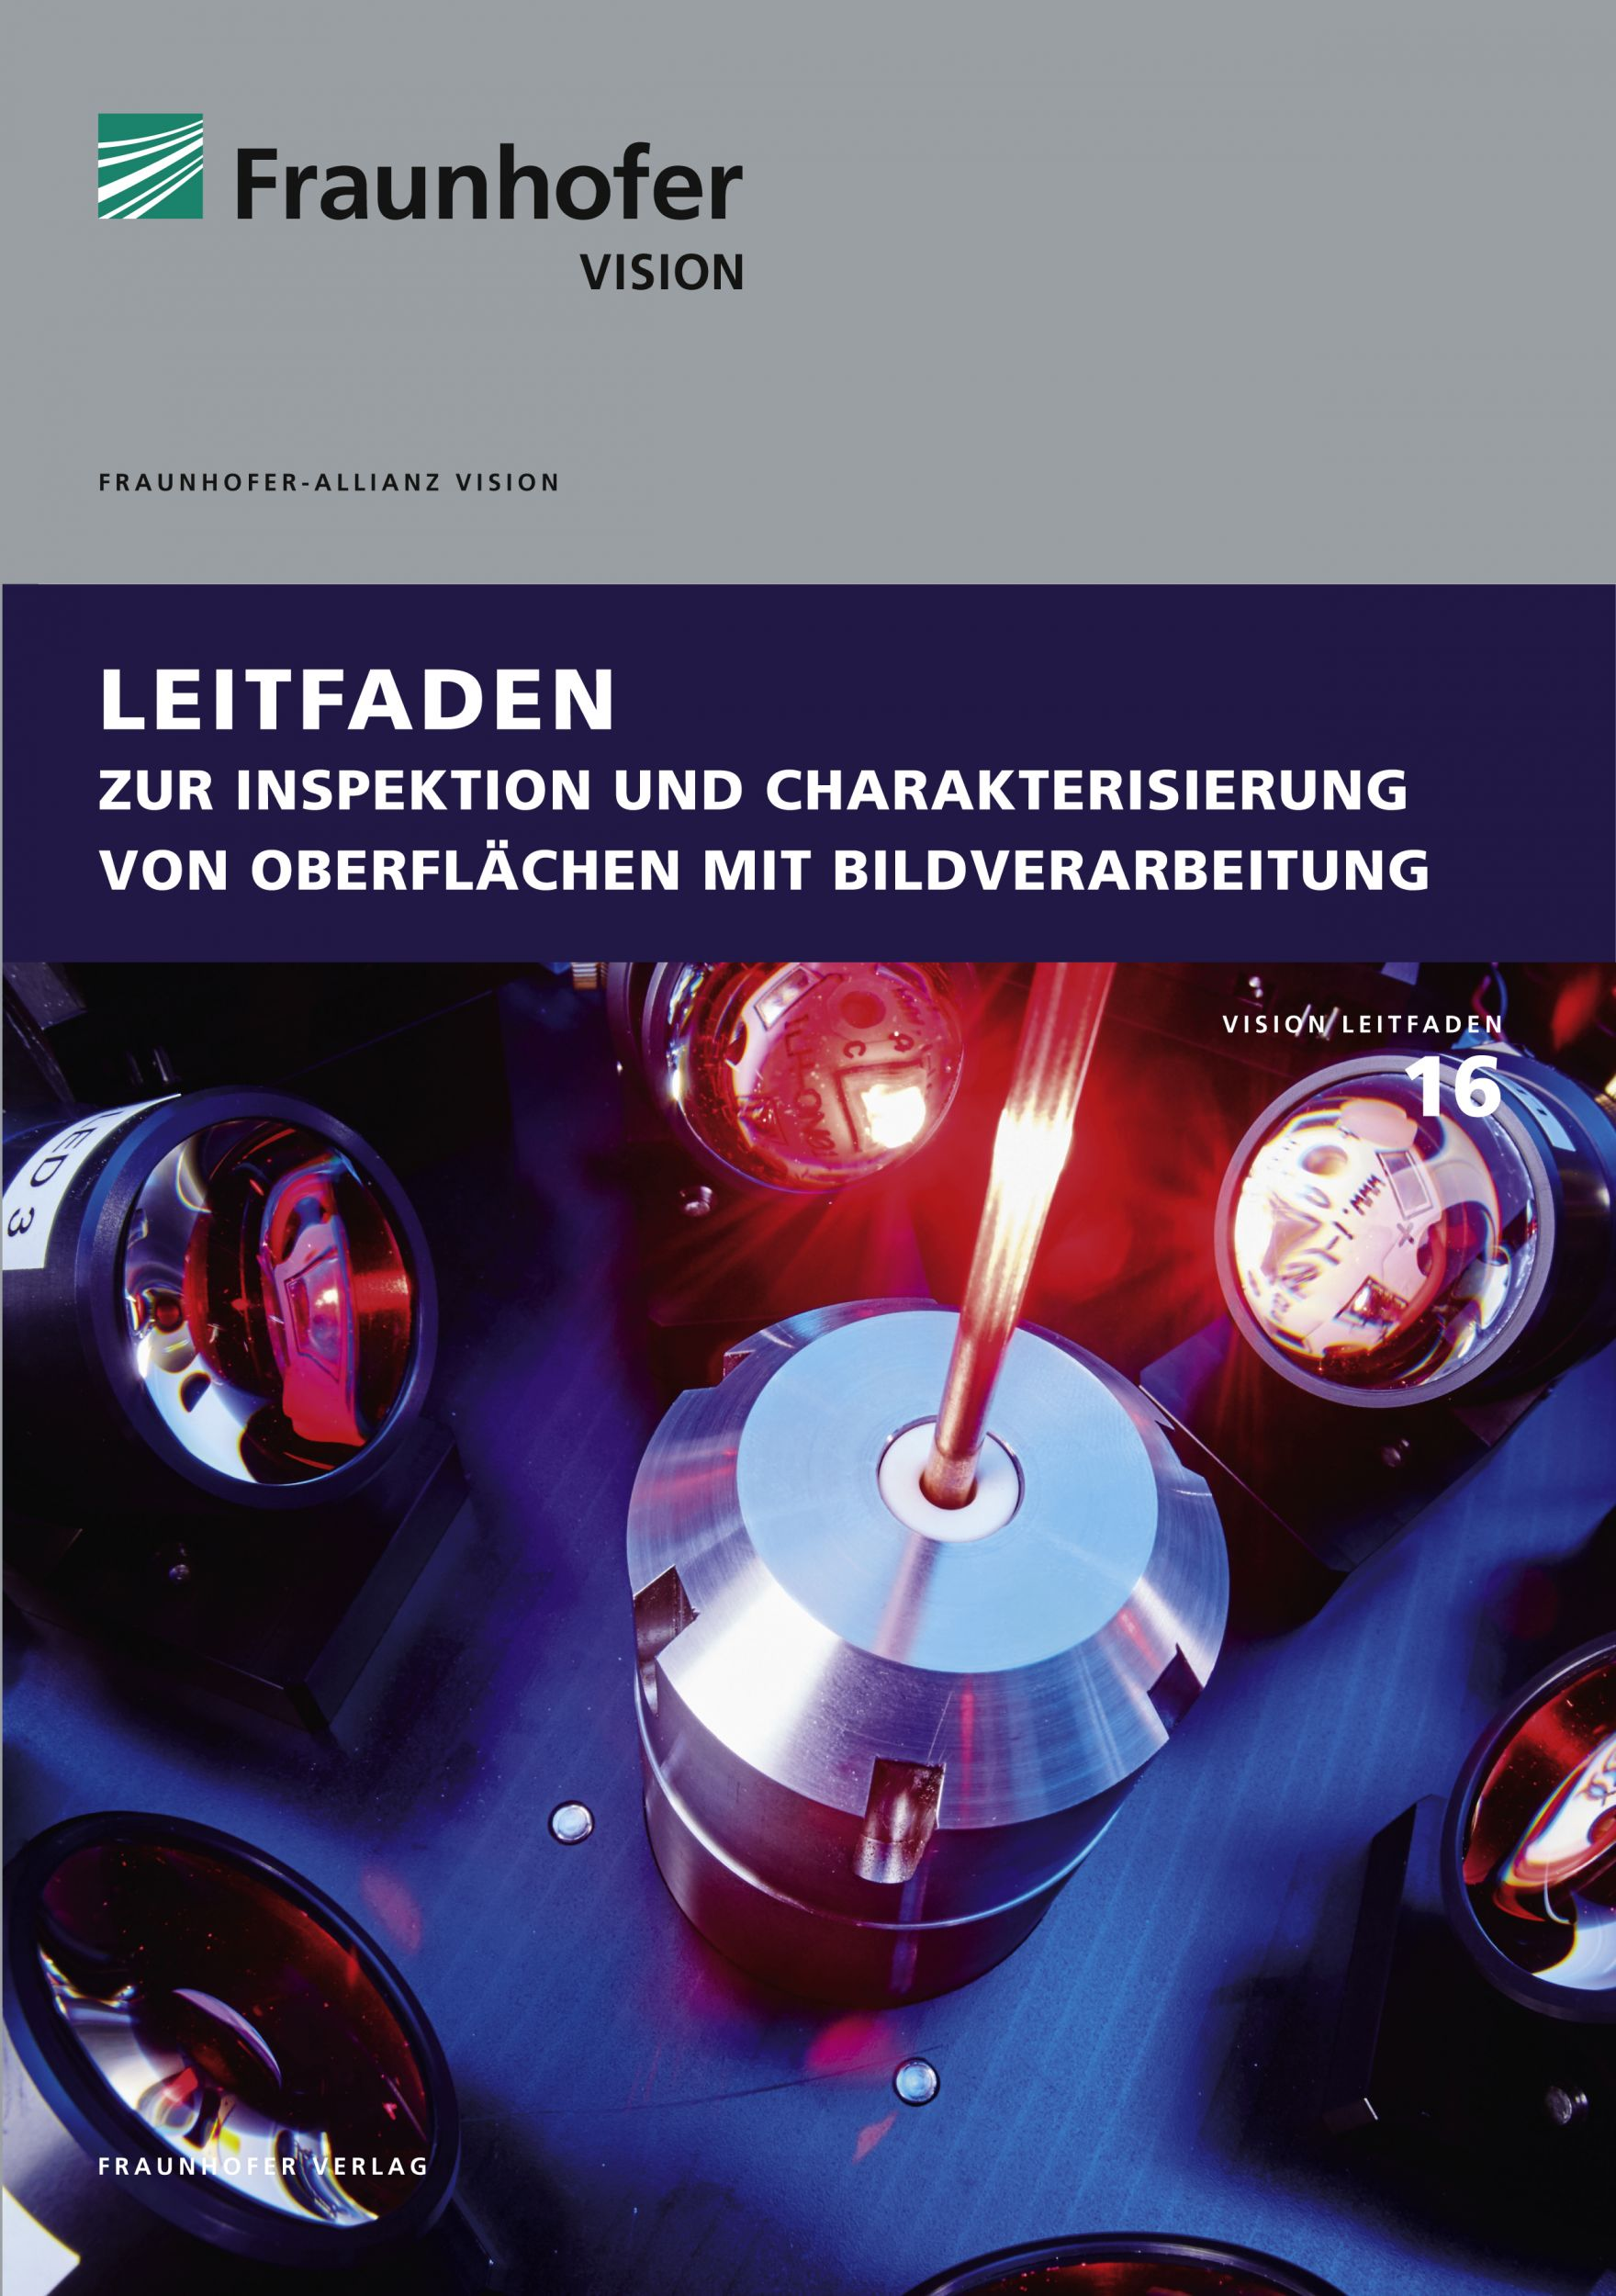 Fraunhofer Leitfaden Oberflächenprüfung